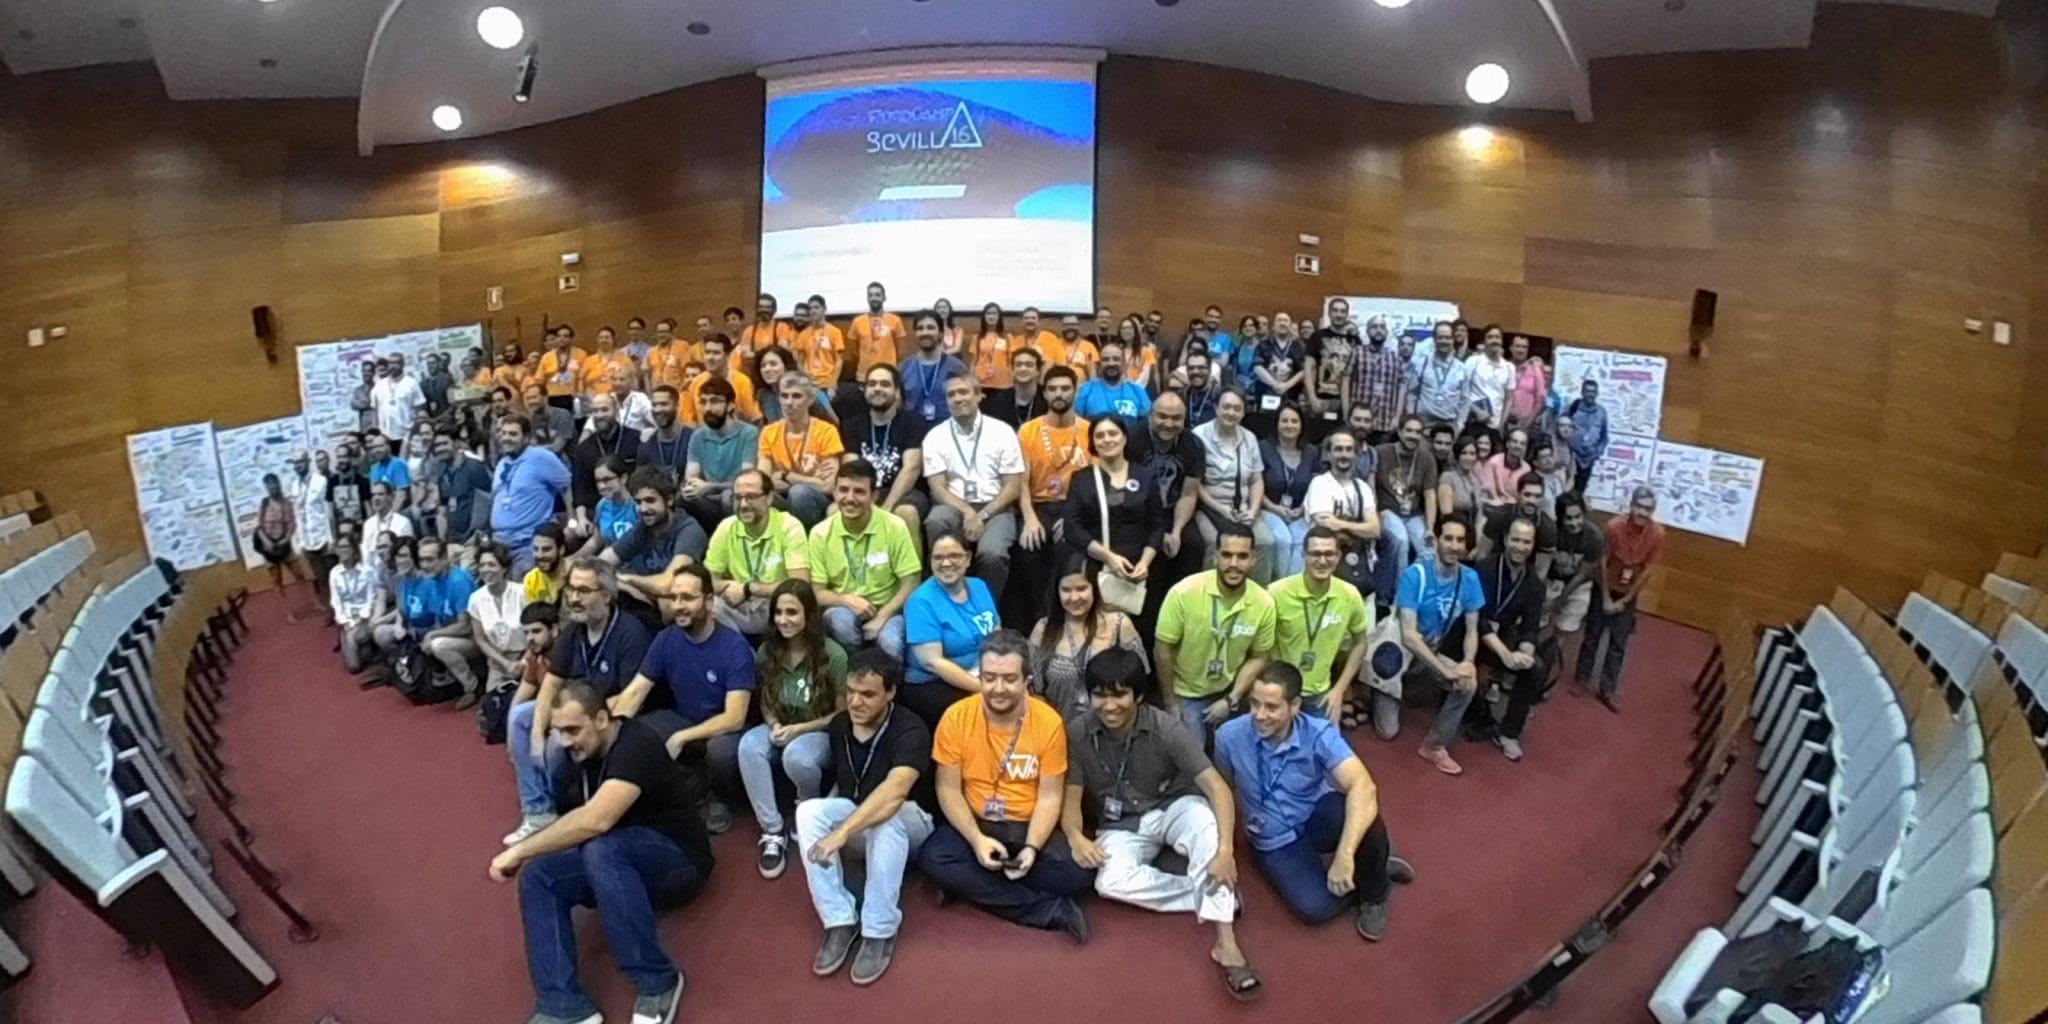 Mostrar tu mejor cara también es enseñar. WordCamp Sevilla 2016